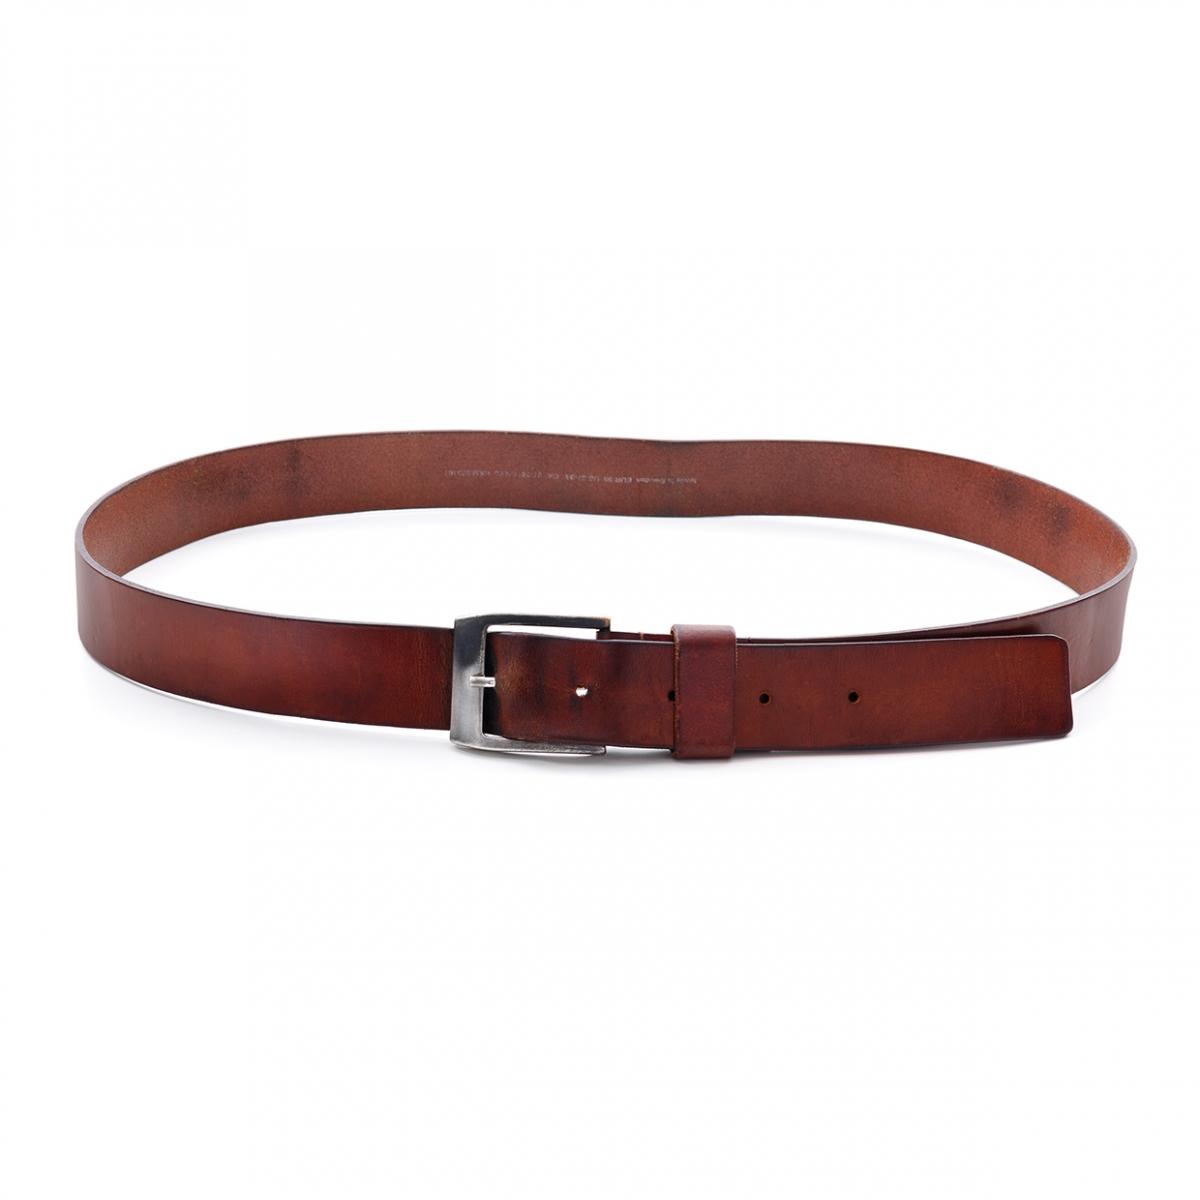 Imagen en la que se ve un cinturón para pantalones